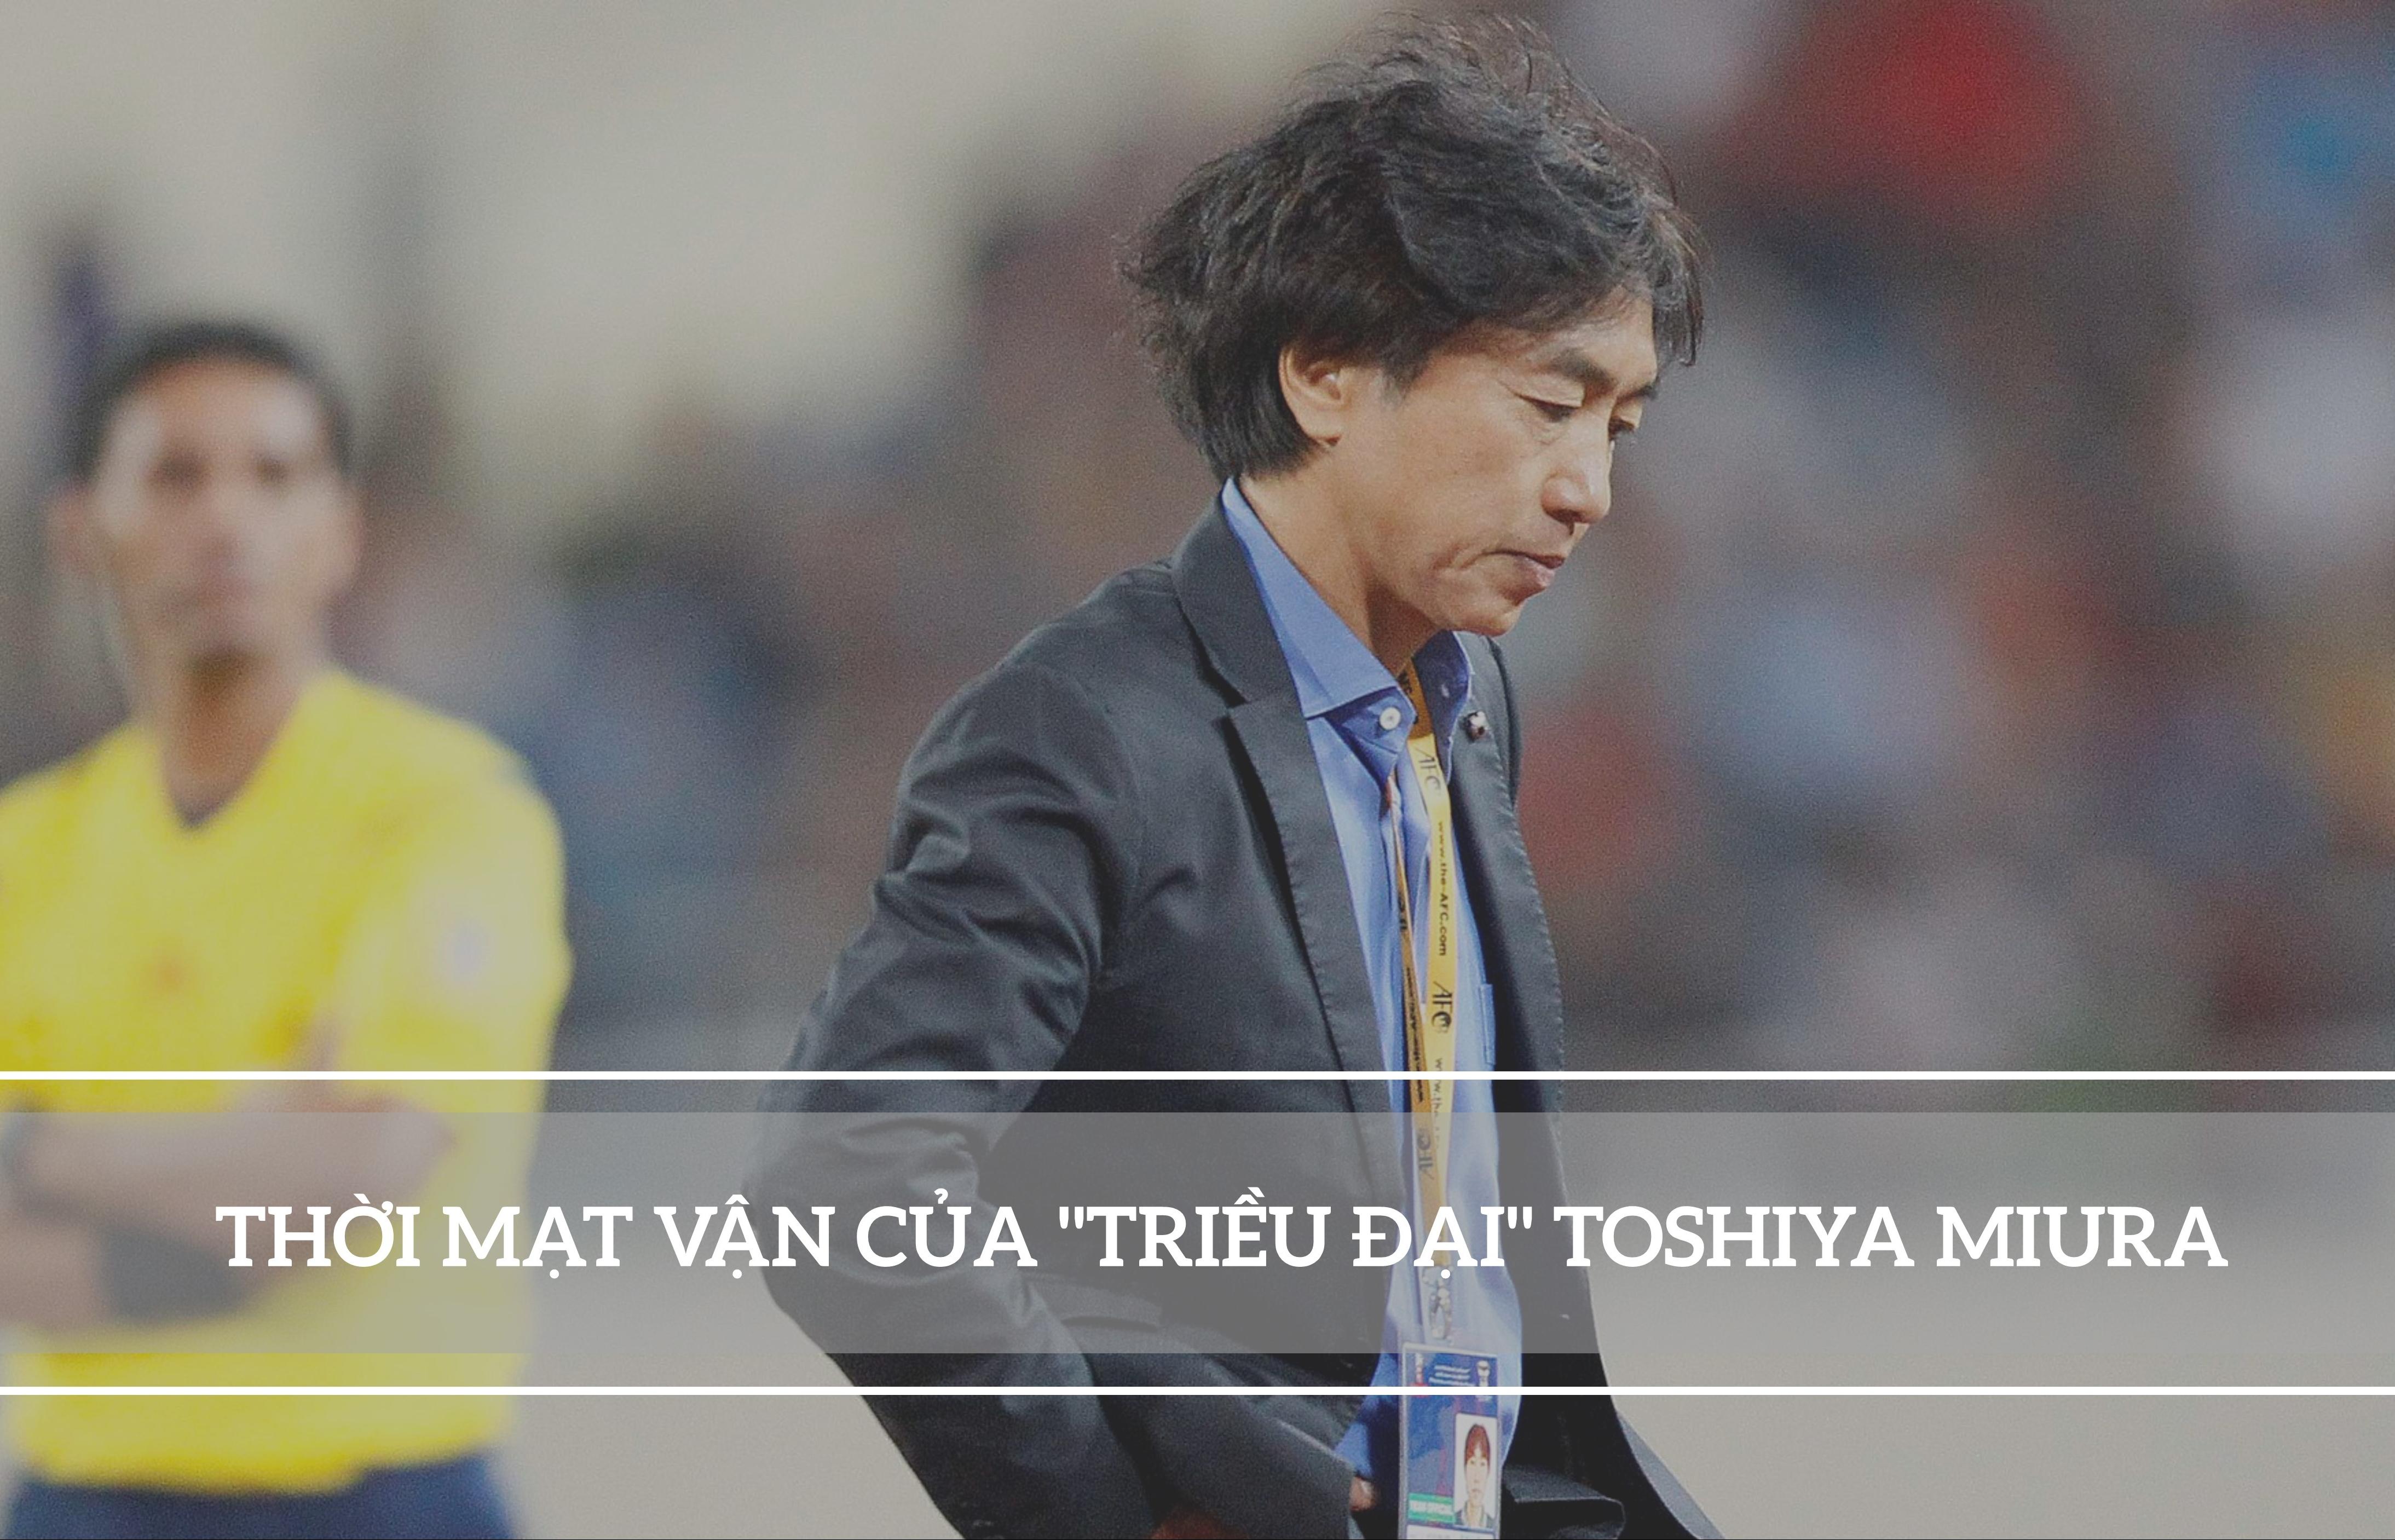 Nỗi cay đắng thời Toshiya Miura thách thức giới hạn của HLV Park Hang Seo